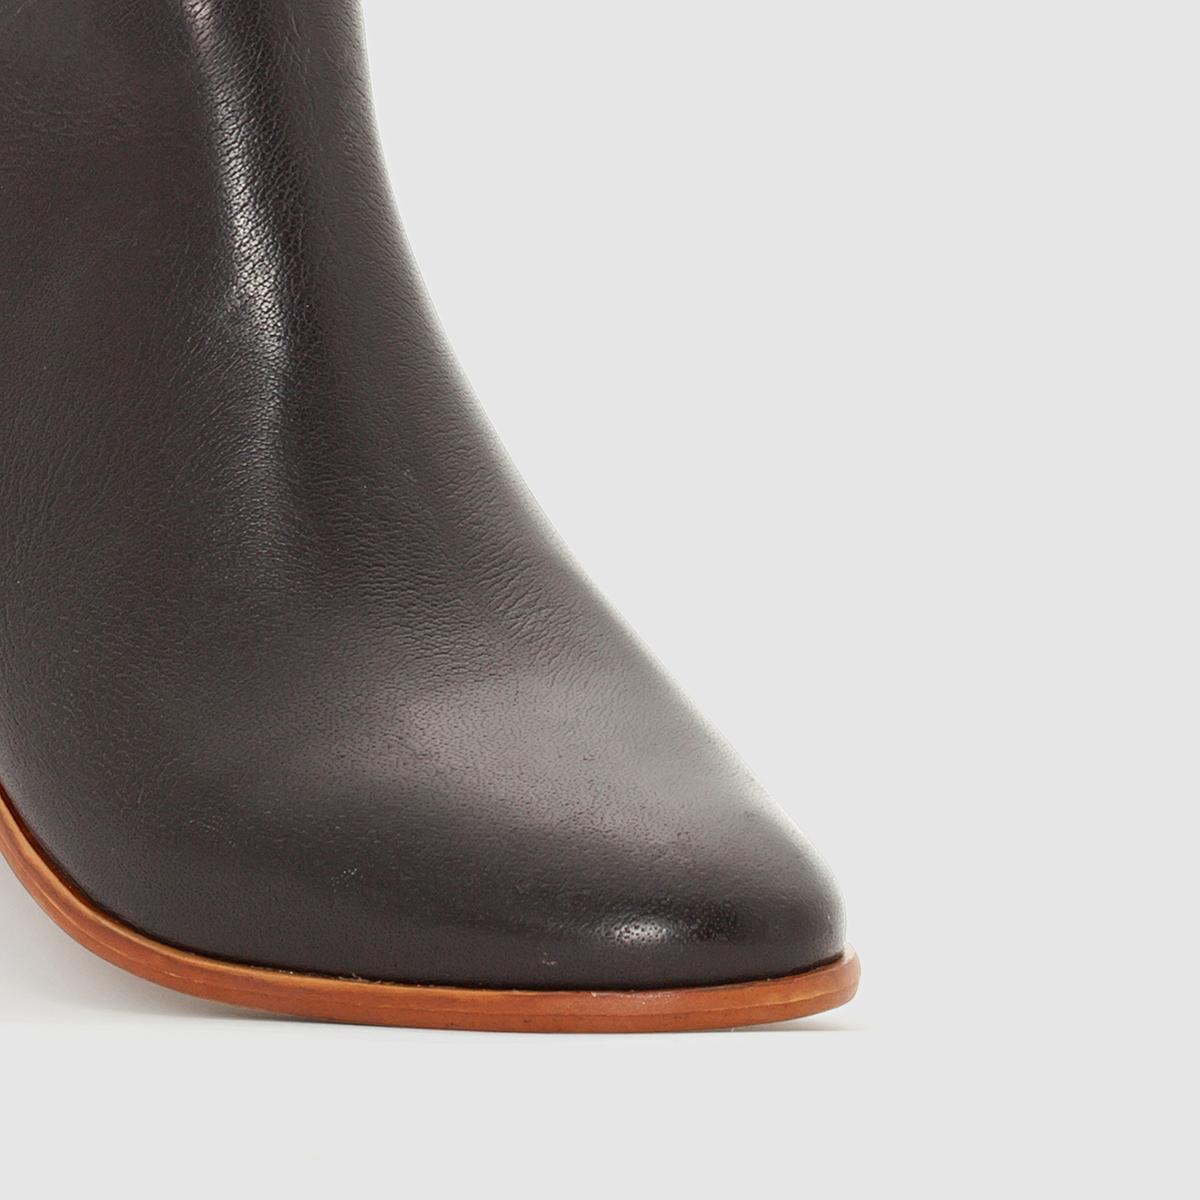 Ботильоны кожаные на каблуке в стиле вестернВерх/ Голенище : кожа                   Подкладка : текстиль                   Стелька : кожа                   Подошва : эластомер                   Страна производства : Португалия                   Высота каблука : 4 см                   Форма каблука : широкий каблук                   Мысок : закругленный                   Застежка : на молнию           Мы рекомендуем Вам заказывать модель на один размер меньше Вашего обычного размера<br><br>Цвет: черный<br>Размер: 37.38.42